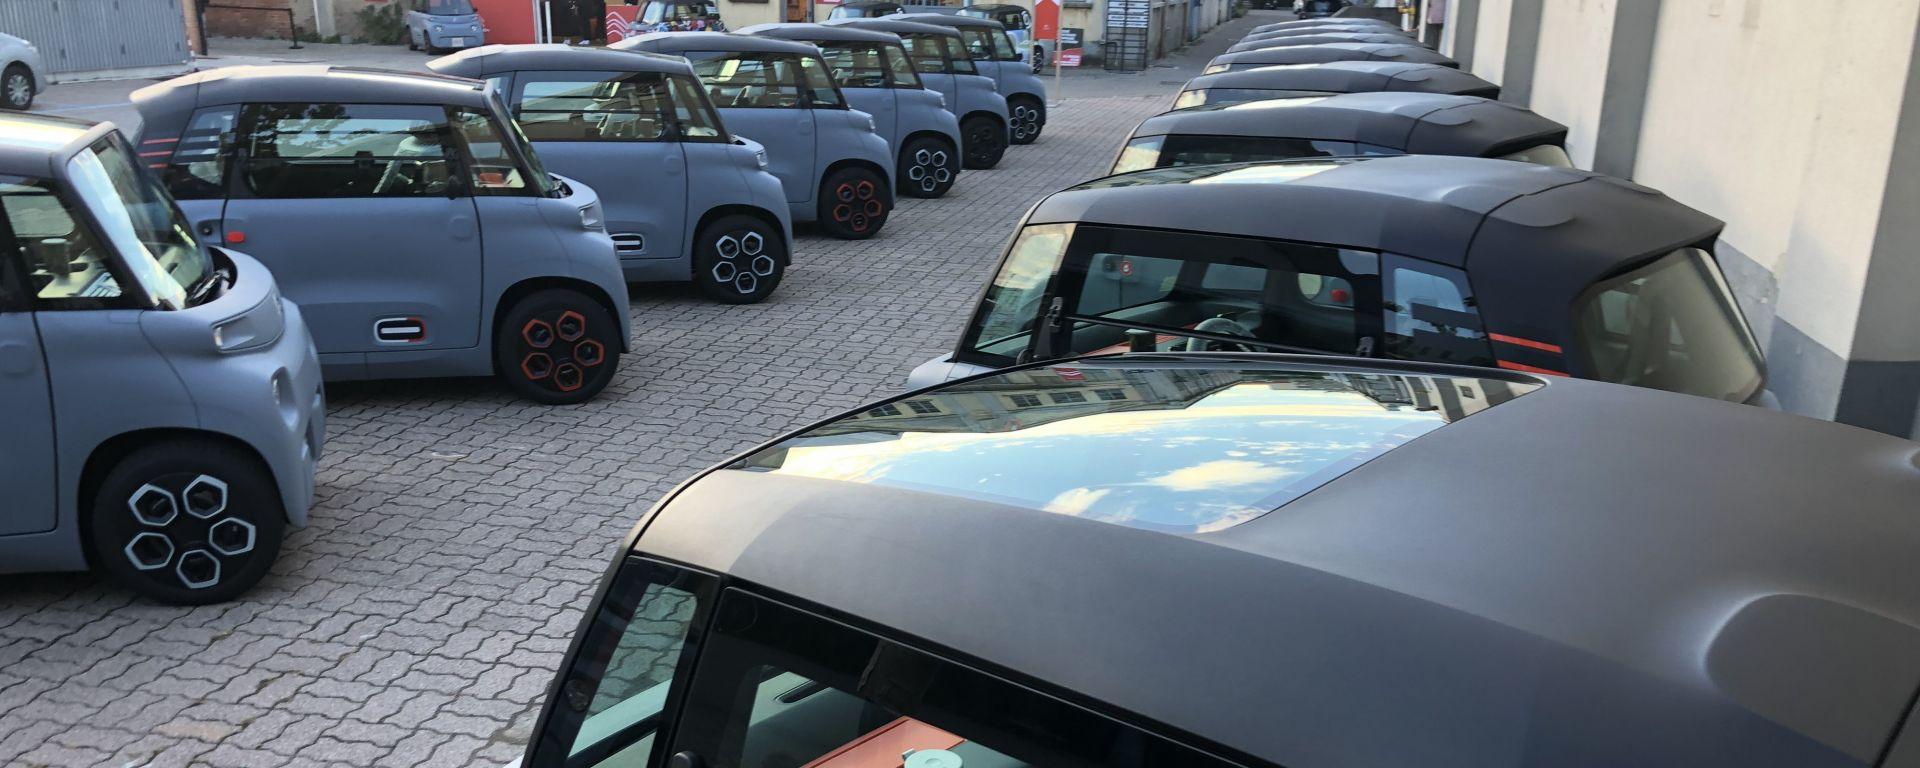 Confronto mobilità elettrica: la presentazione della Citroen AMI 100% electric a Milano